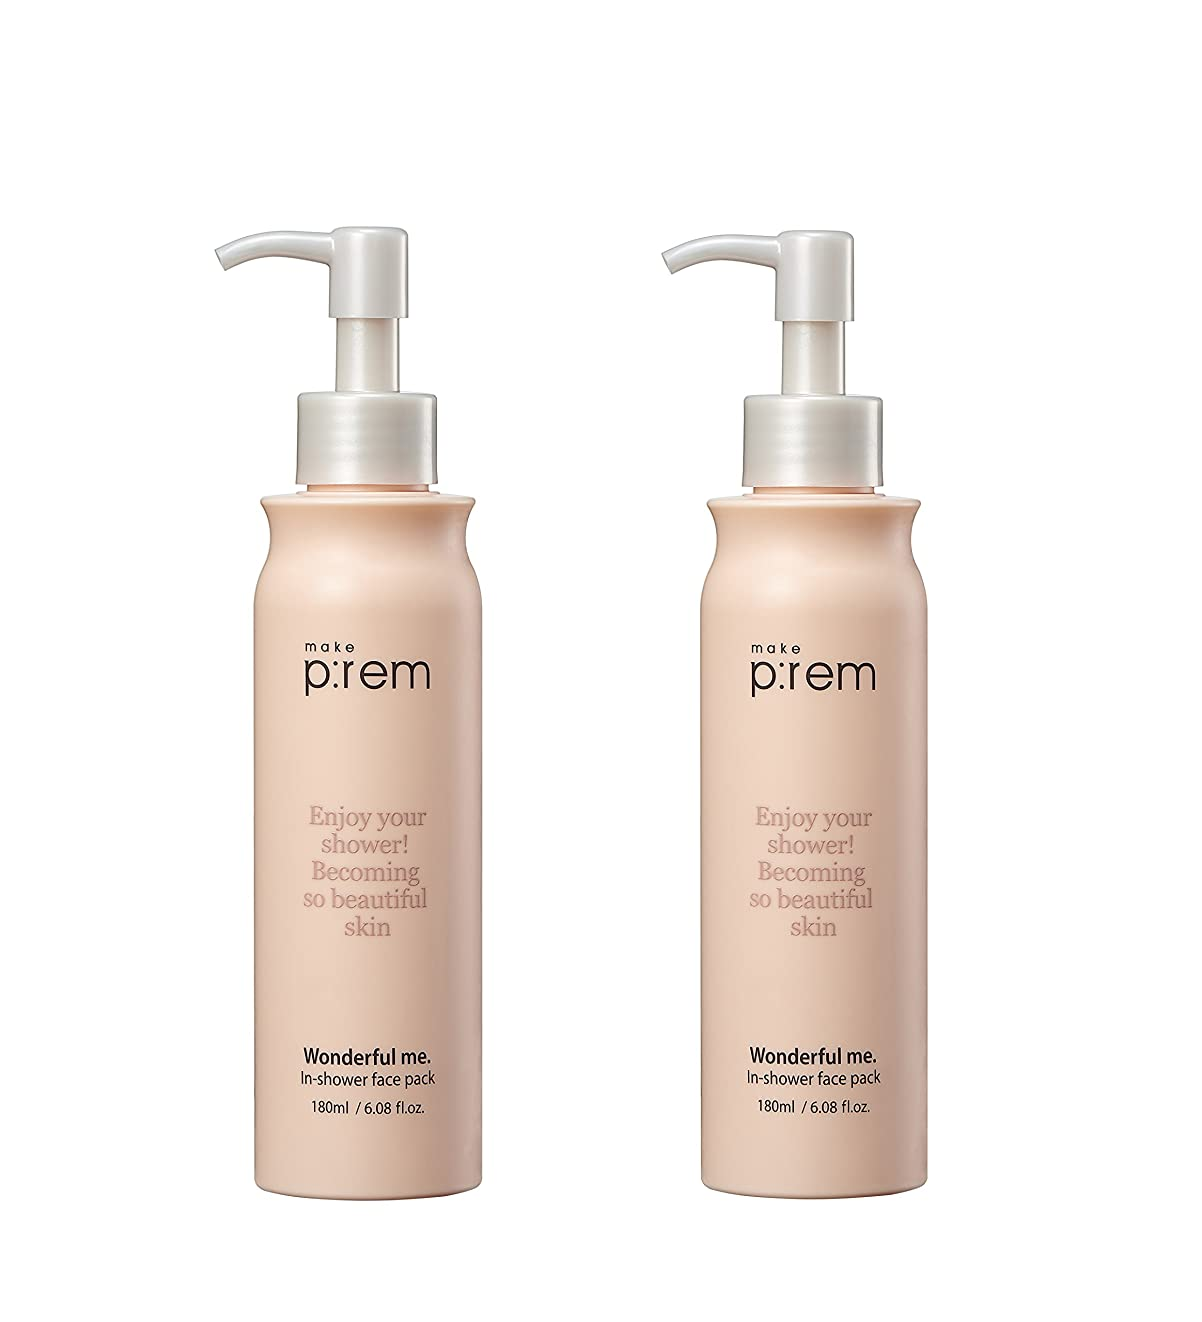 時計献身年(2個セット) x [MAKE P:REM] wonderful me. in-shower face pack シャワーのフェイスパック 180ml シャワーパック / 韓国製 . 海外直送品